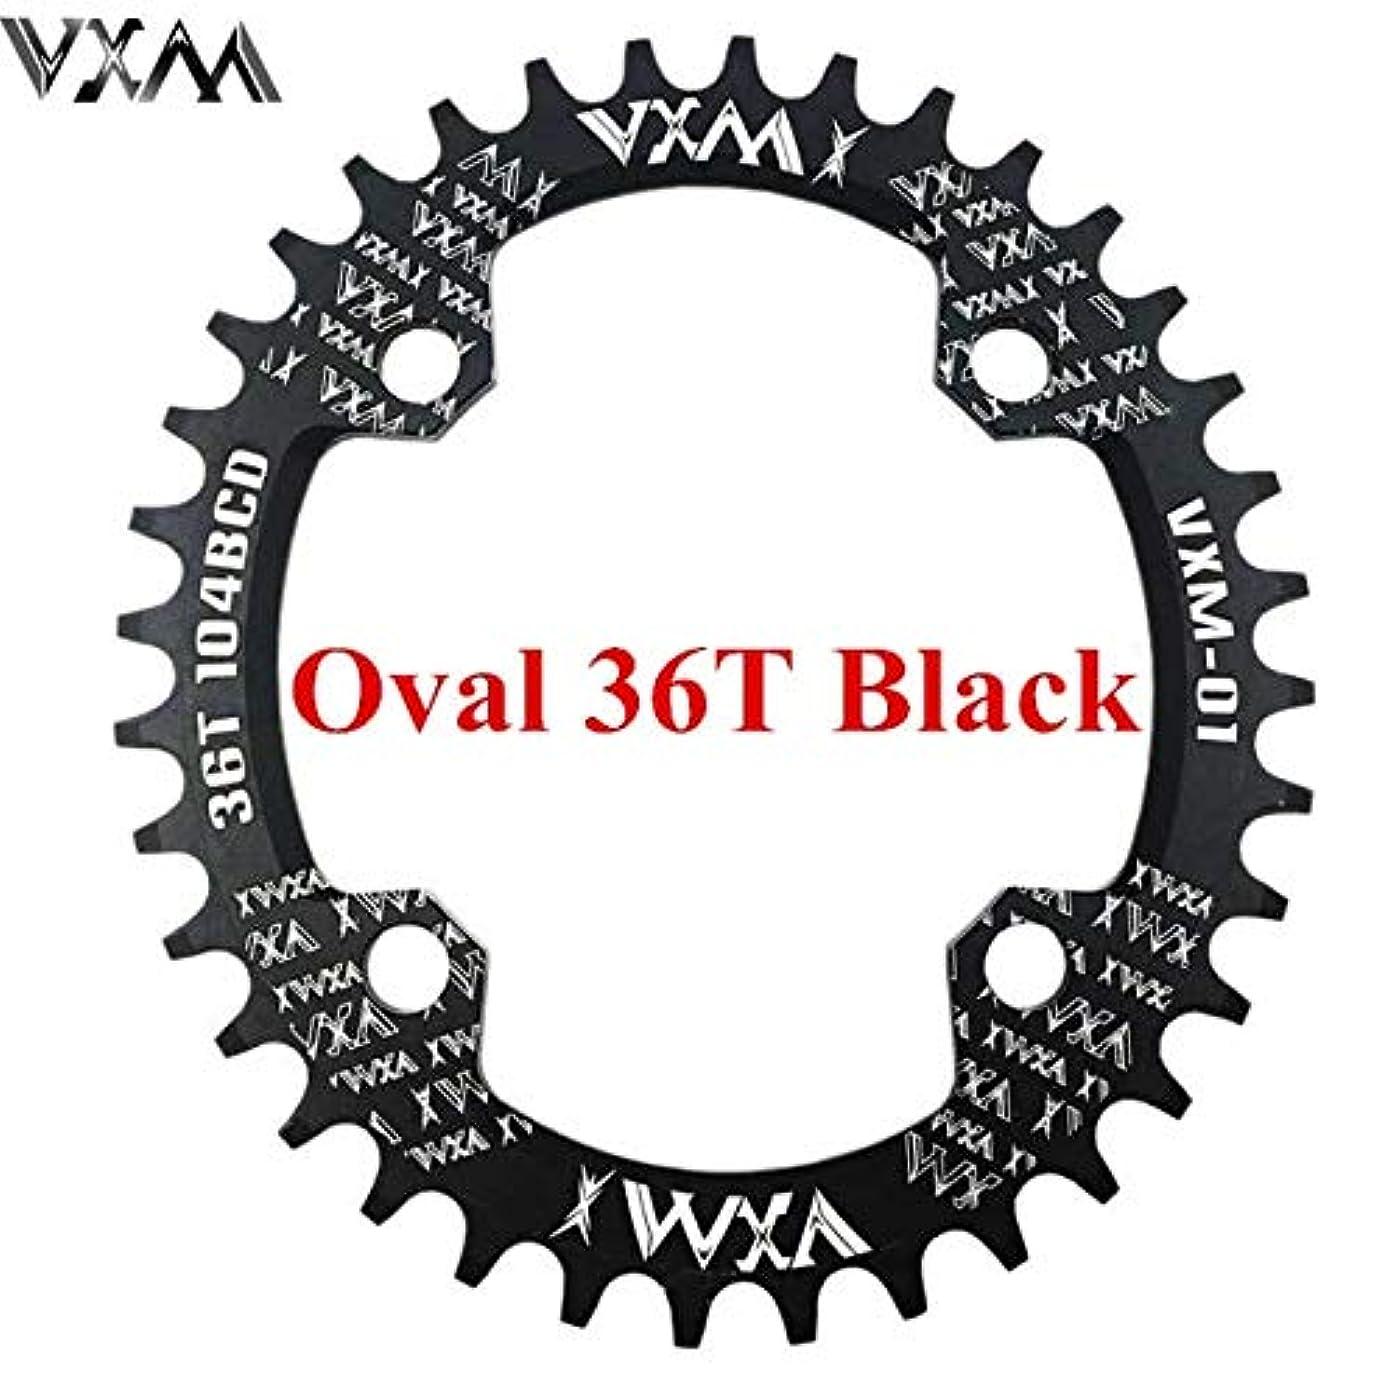 承知しました陪審十分にPropenary - 自転車104BCDクランクオーバルラウンド30T 32T 34T 36T 38T 40T 42T 44T 46T 48T 50T 52TチェーンホイールXT狭い広い自転車チェーンリング[オーバル36Tブラック]